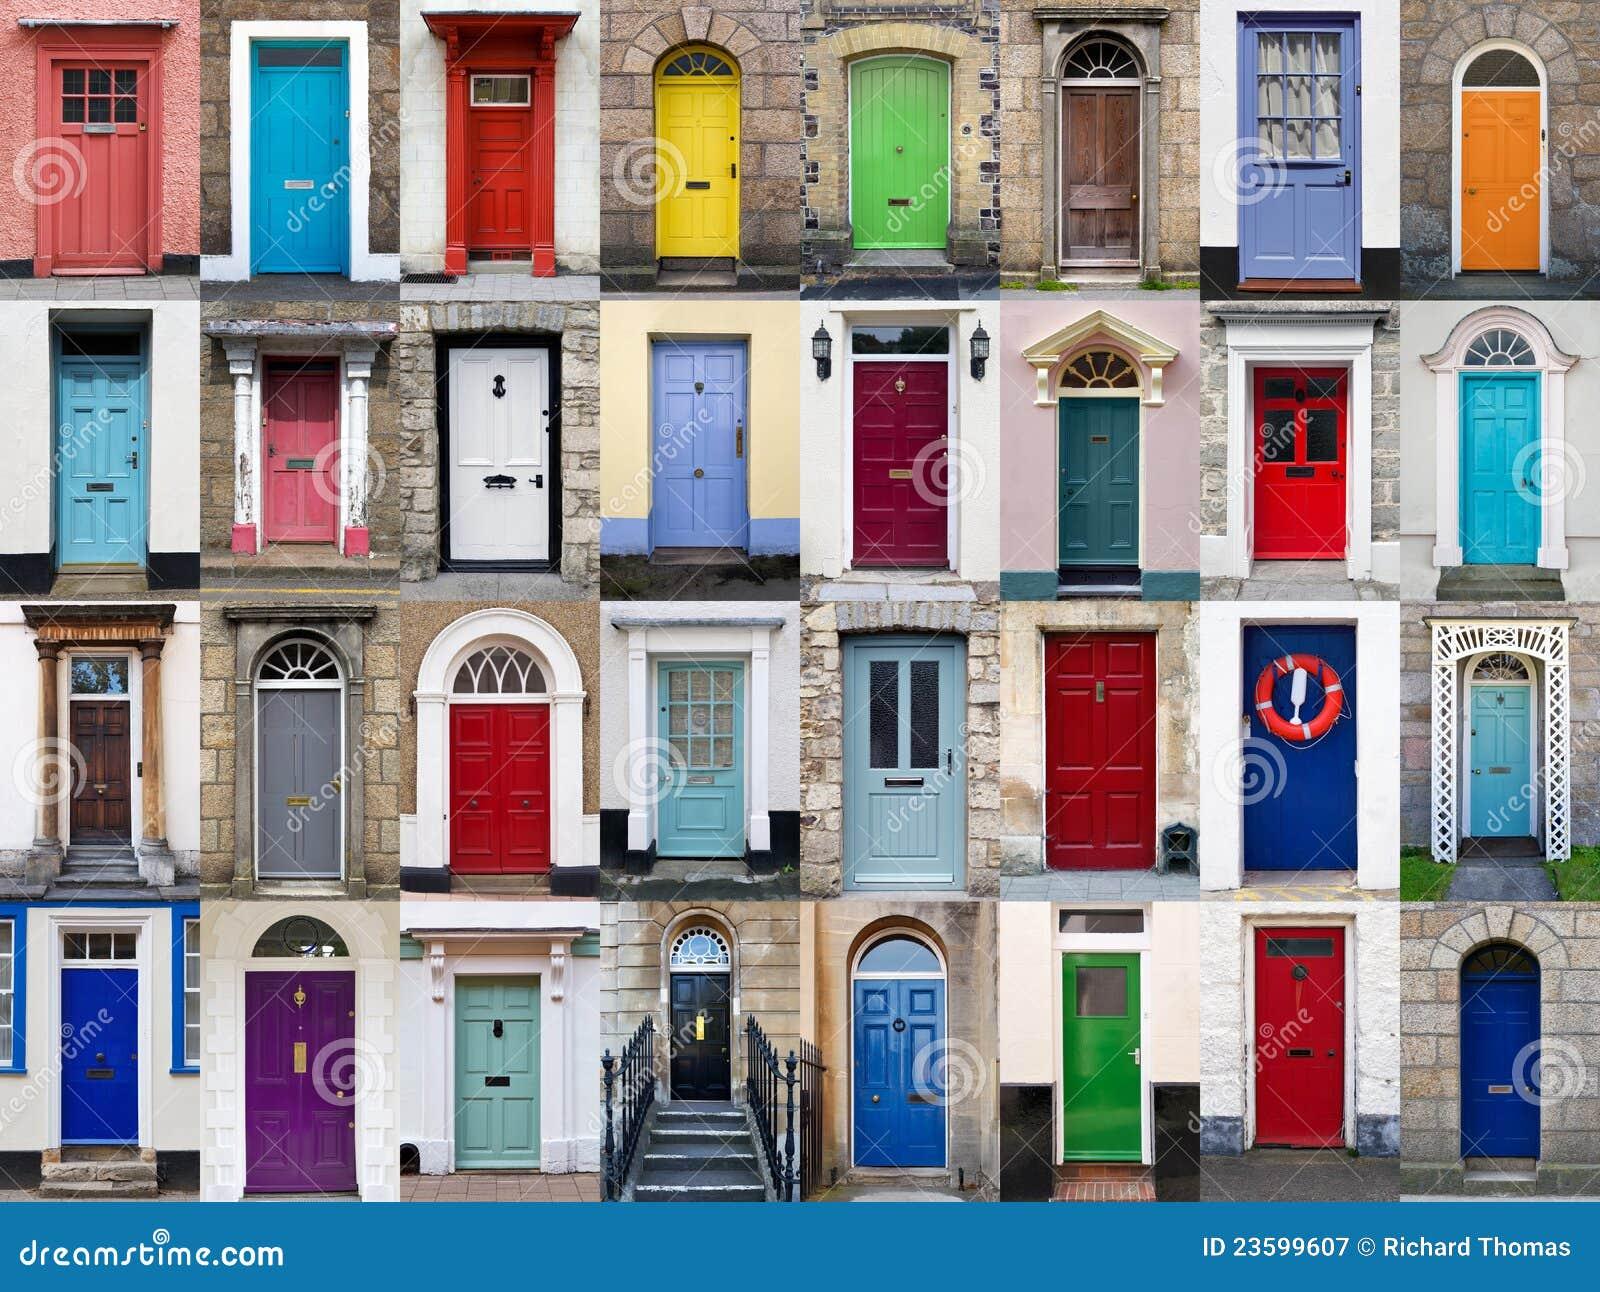 Haustüren englischer landhausstil  Die schönsten Ideen, Beispiele, und inspirierende Bild/Foto für ...